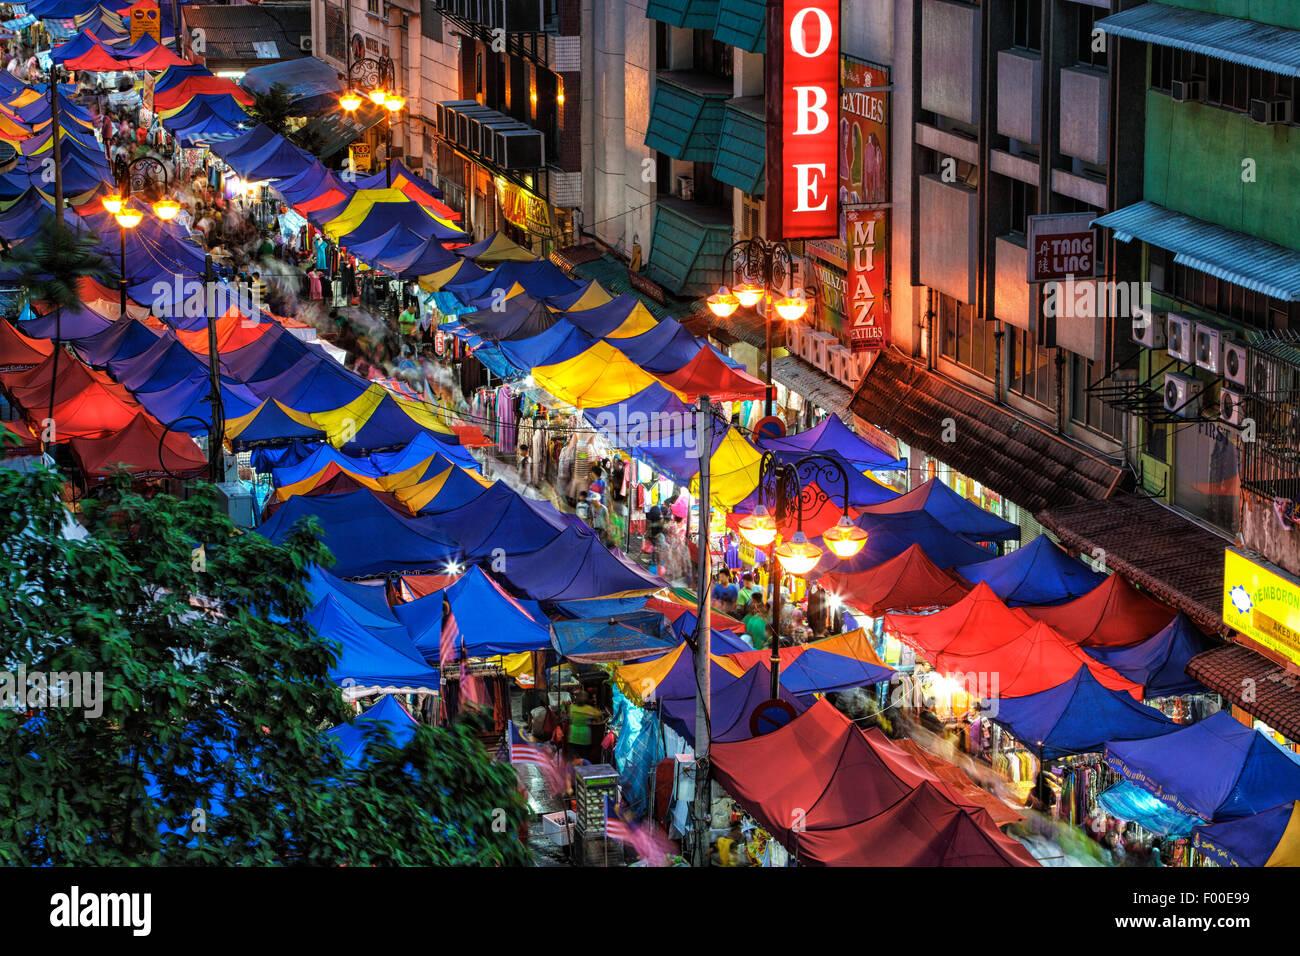 Il mercato notturno di Kuala Lumpur durante il mese di Ramadan. Immagini Stock